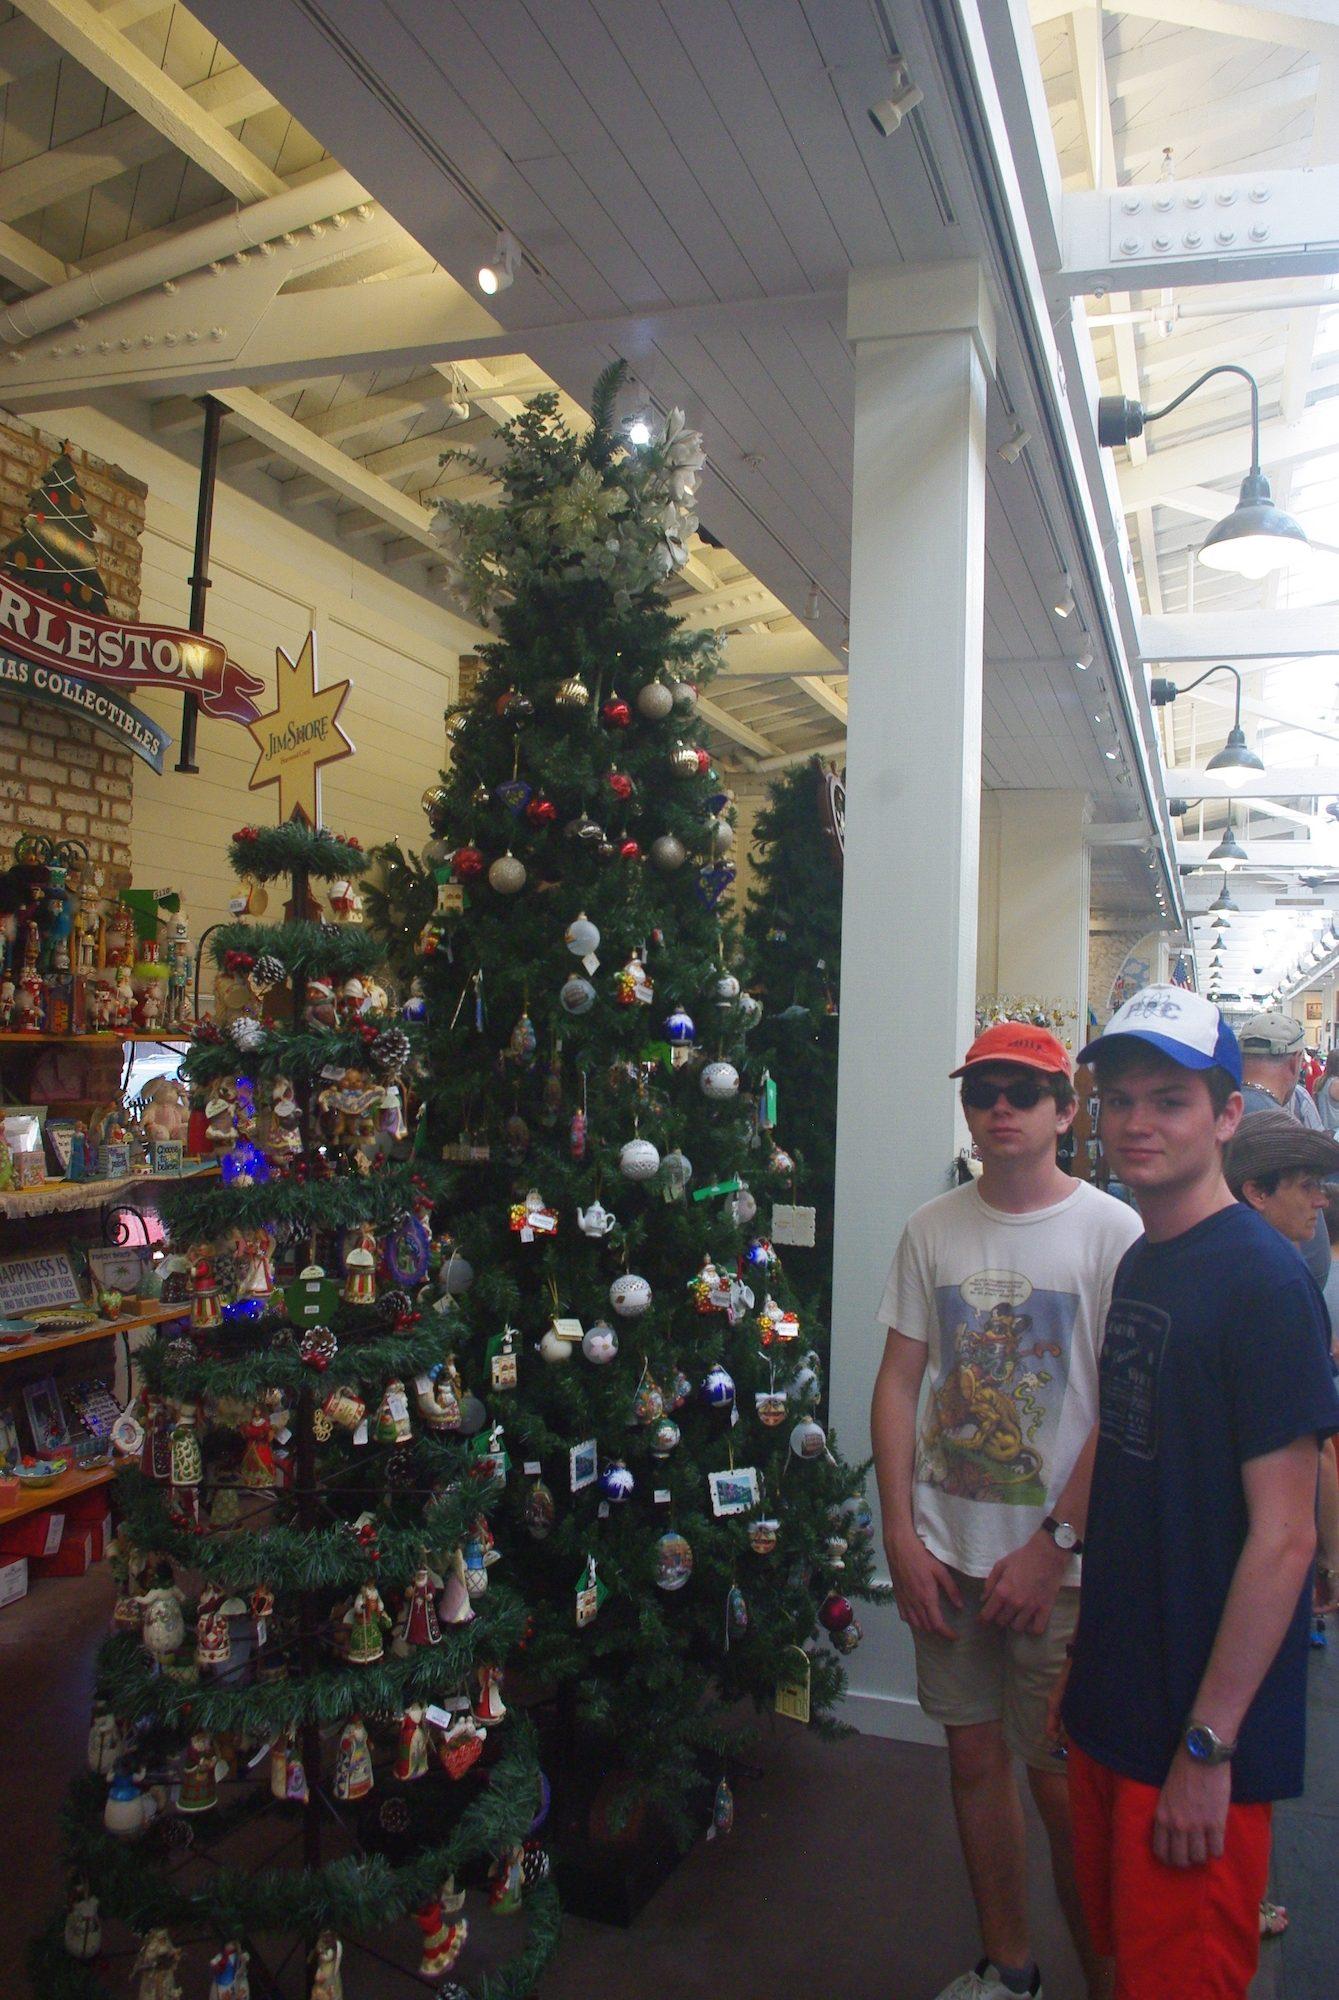 A Charleston comme dans beaucoup de villes que nous avons visité, on peut acheter des décorations de Noël toute l'année